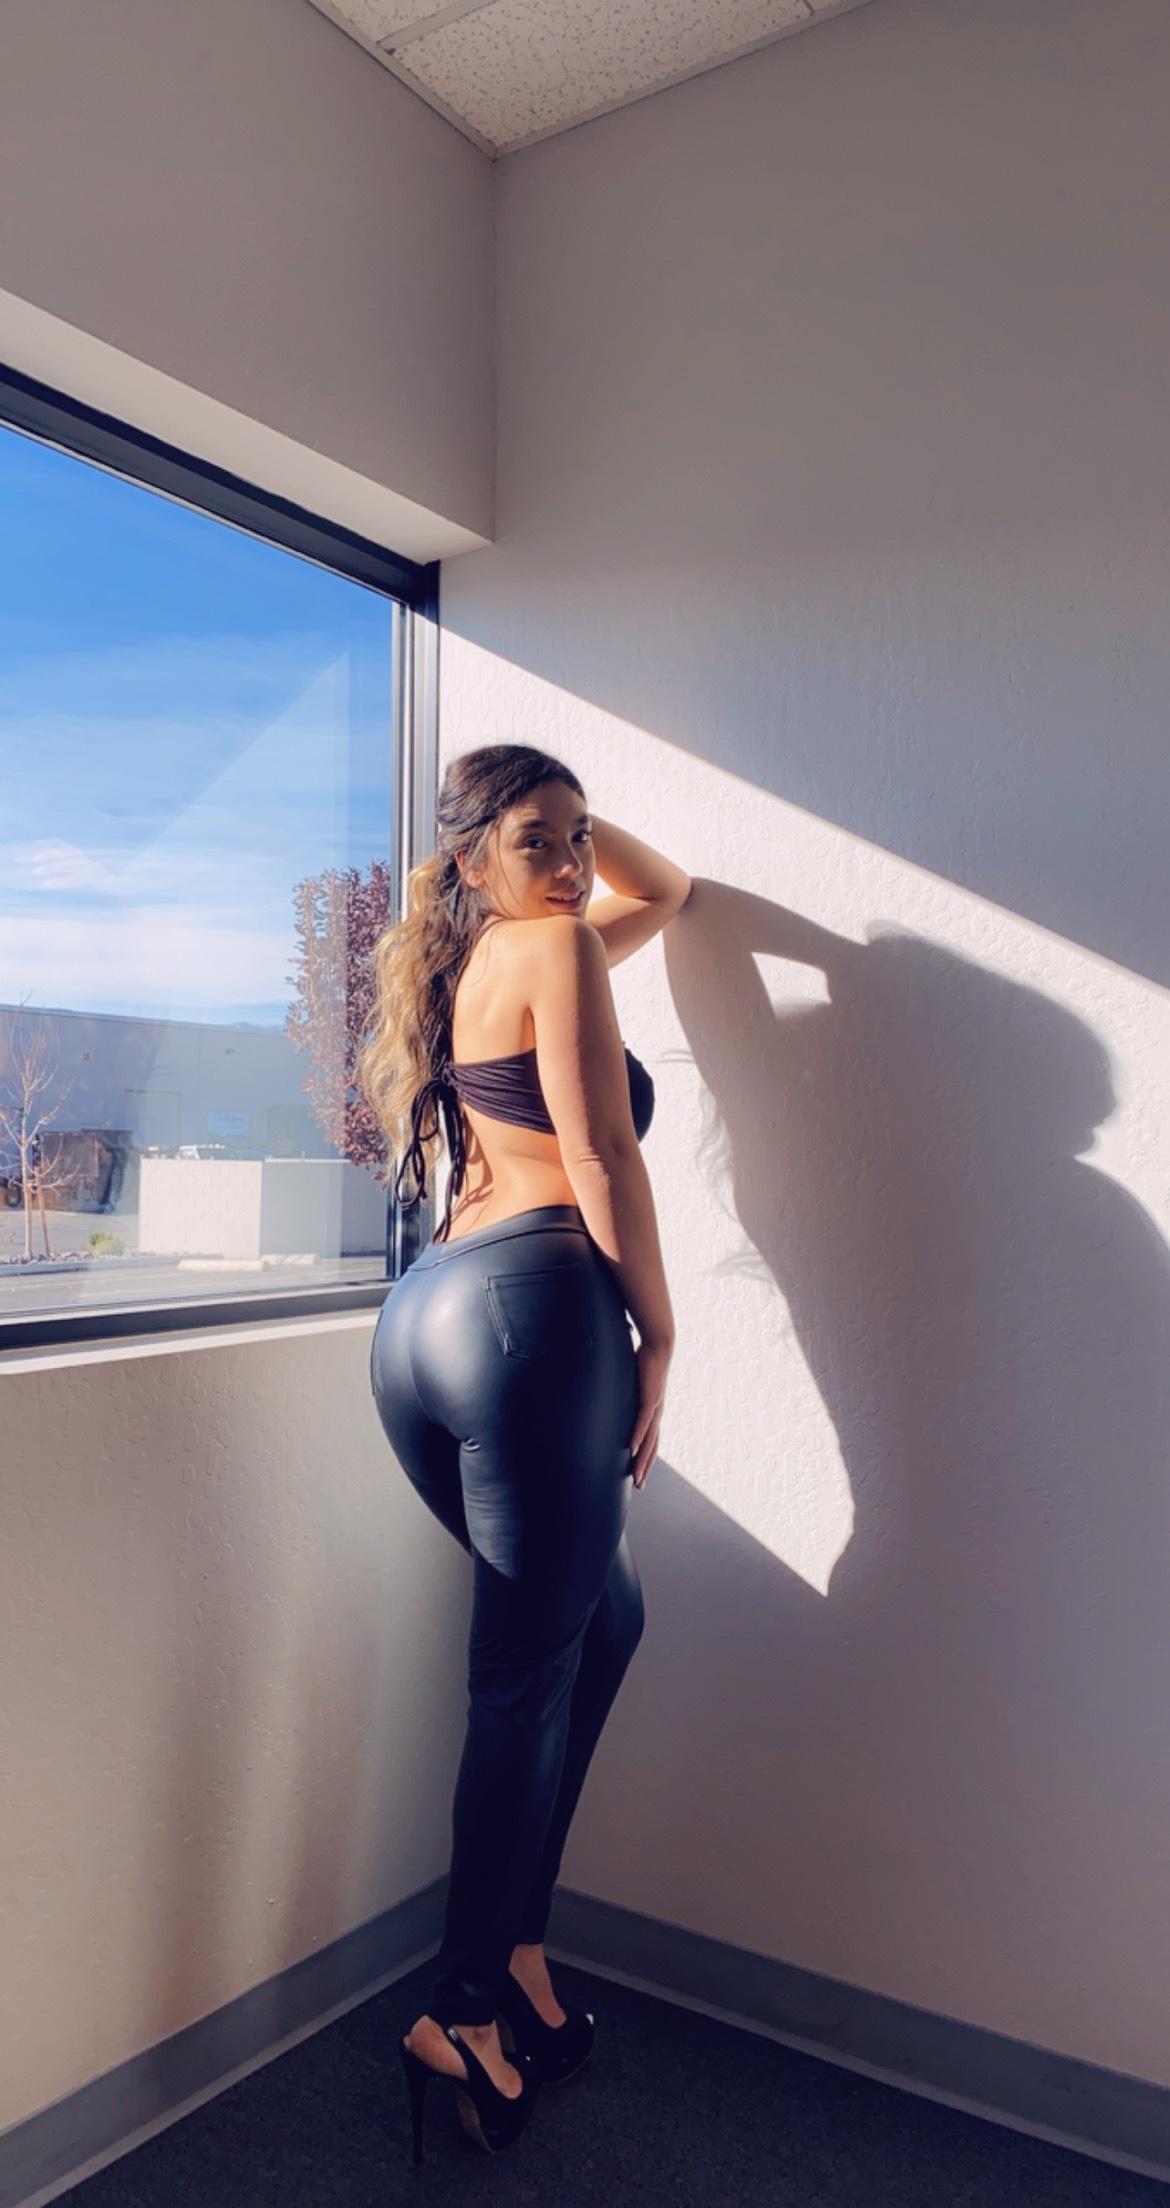 Latina hispana nayarit OnlyFans Full Size Profile Picture ...